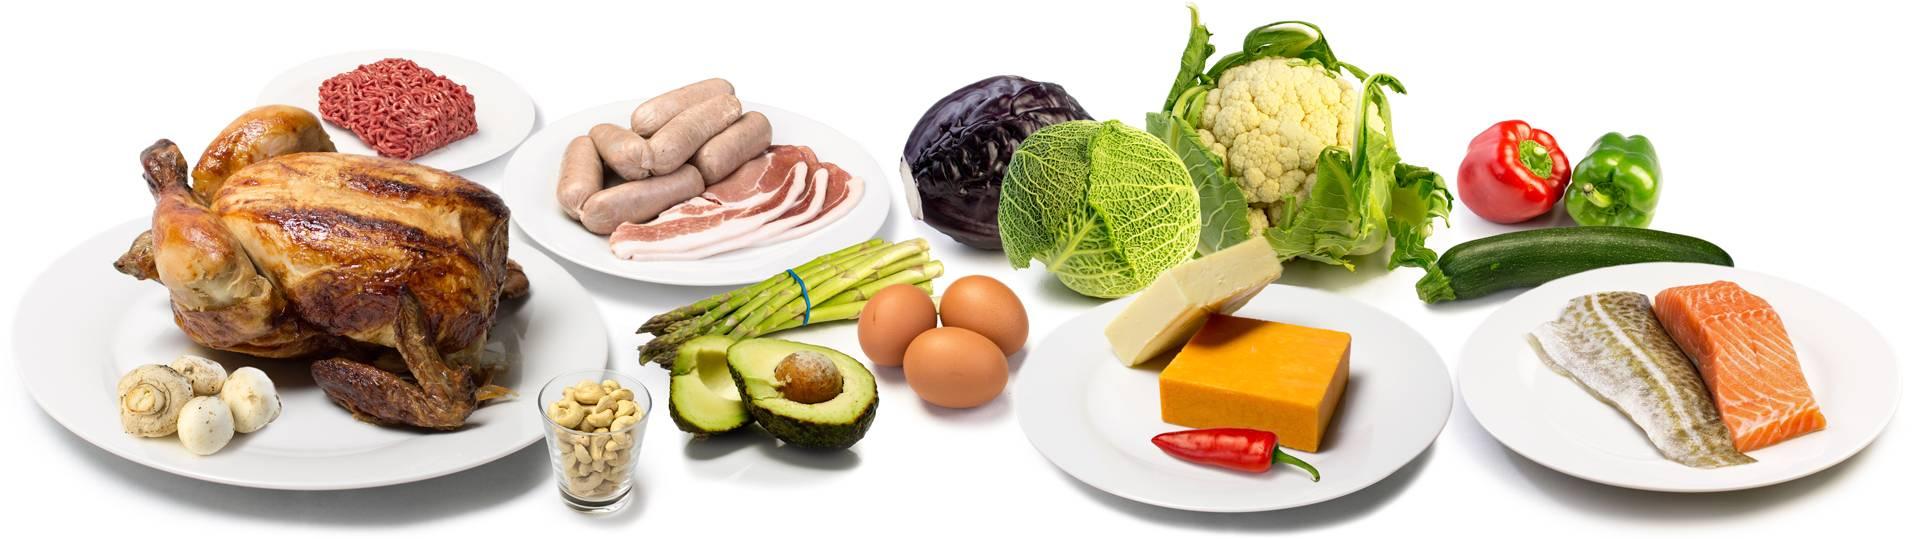 Безуглеводные продукты, полный список низкоуглеводных продуктов